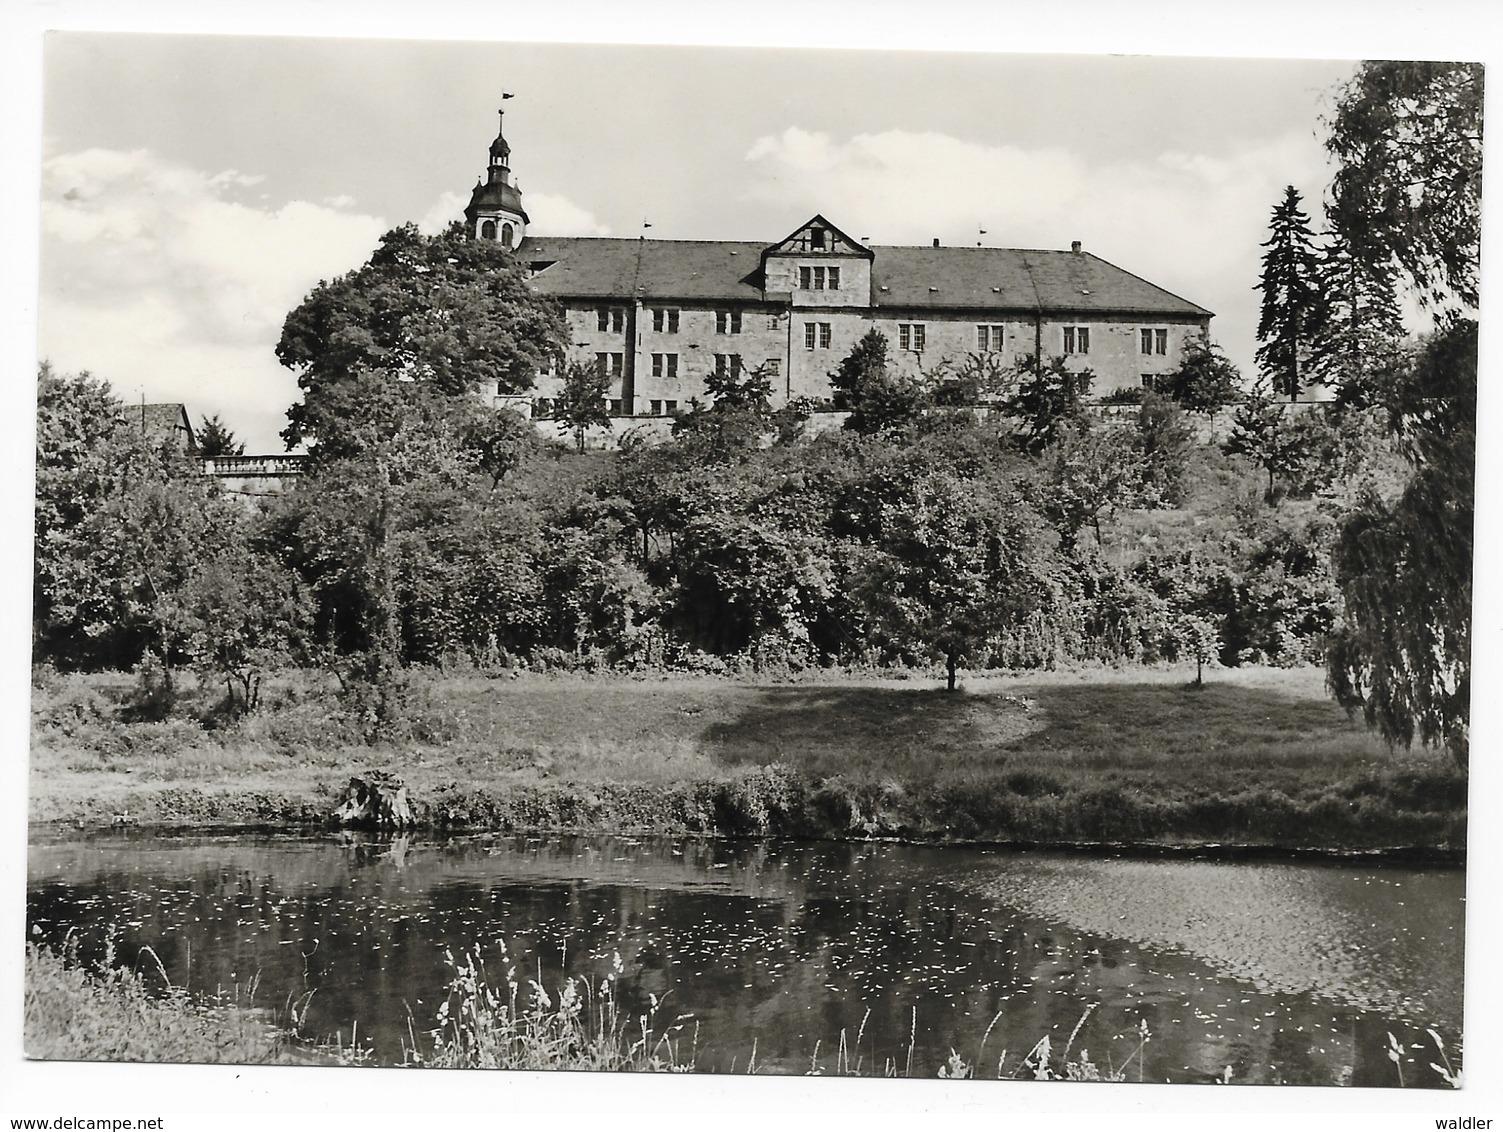 6080  SCHMALKALDEN  -  SCHLOSS WILHELMSBURG   1971 - Schmalkalden